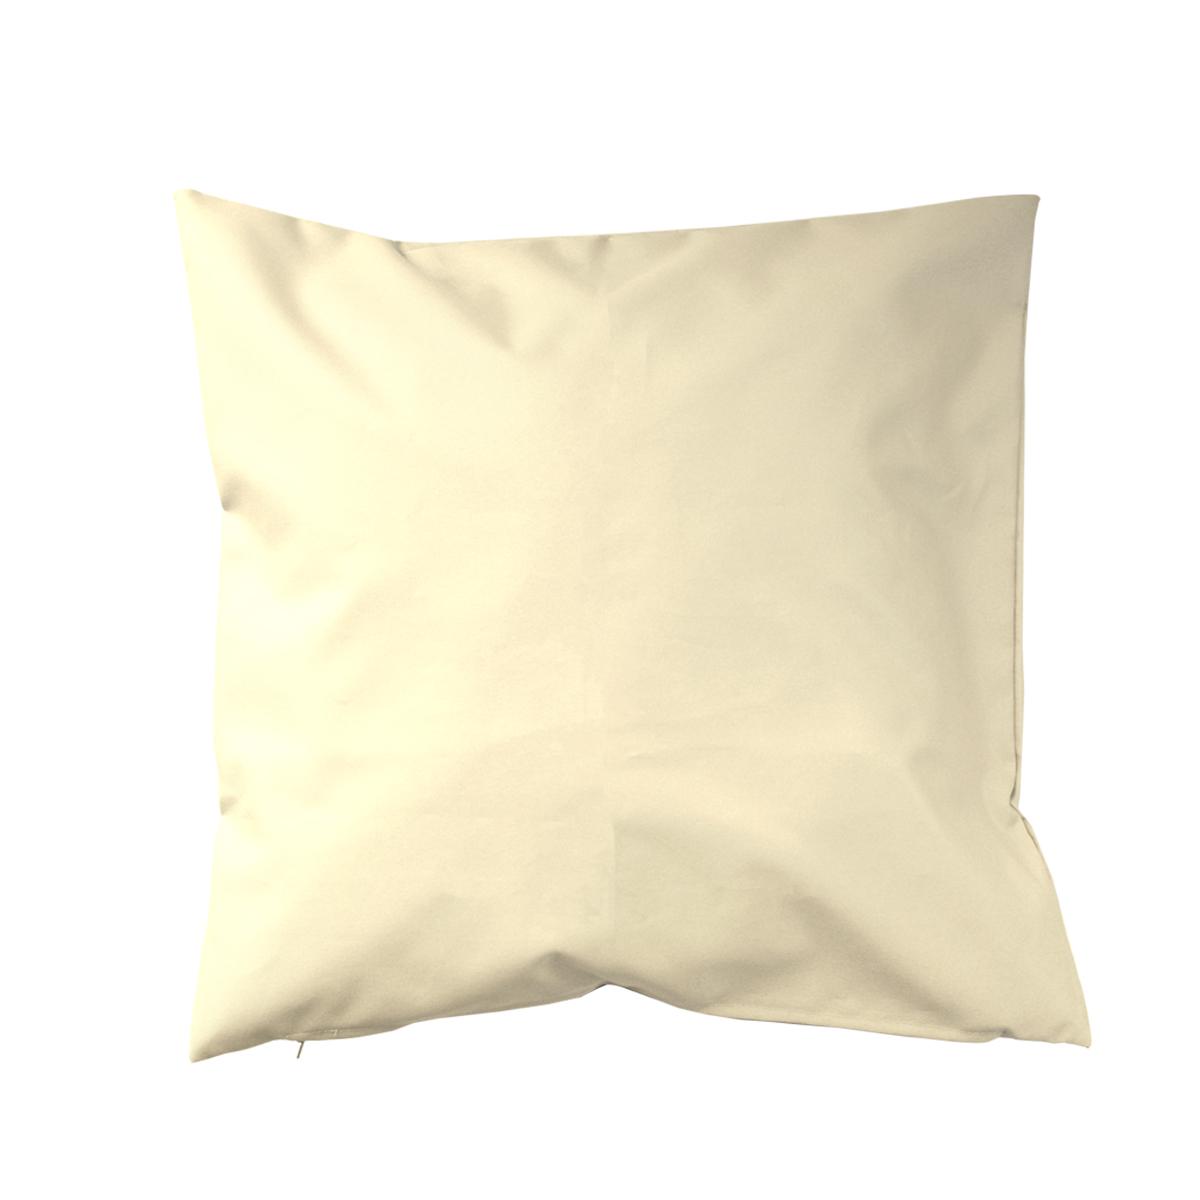 Housse de coussin d'extérieur en tissu outdoor - Ecru - 45 x 45cm